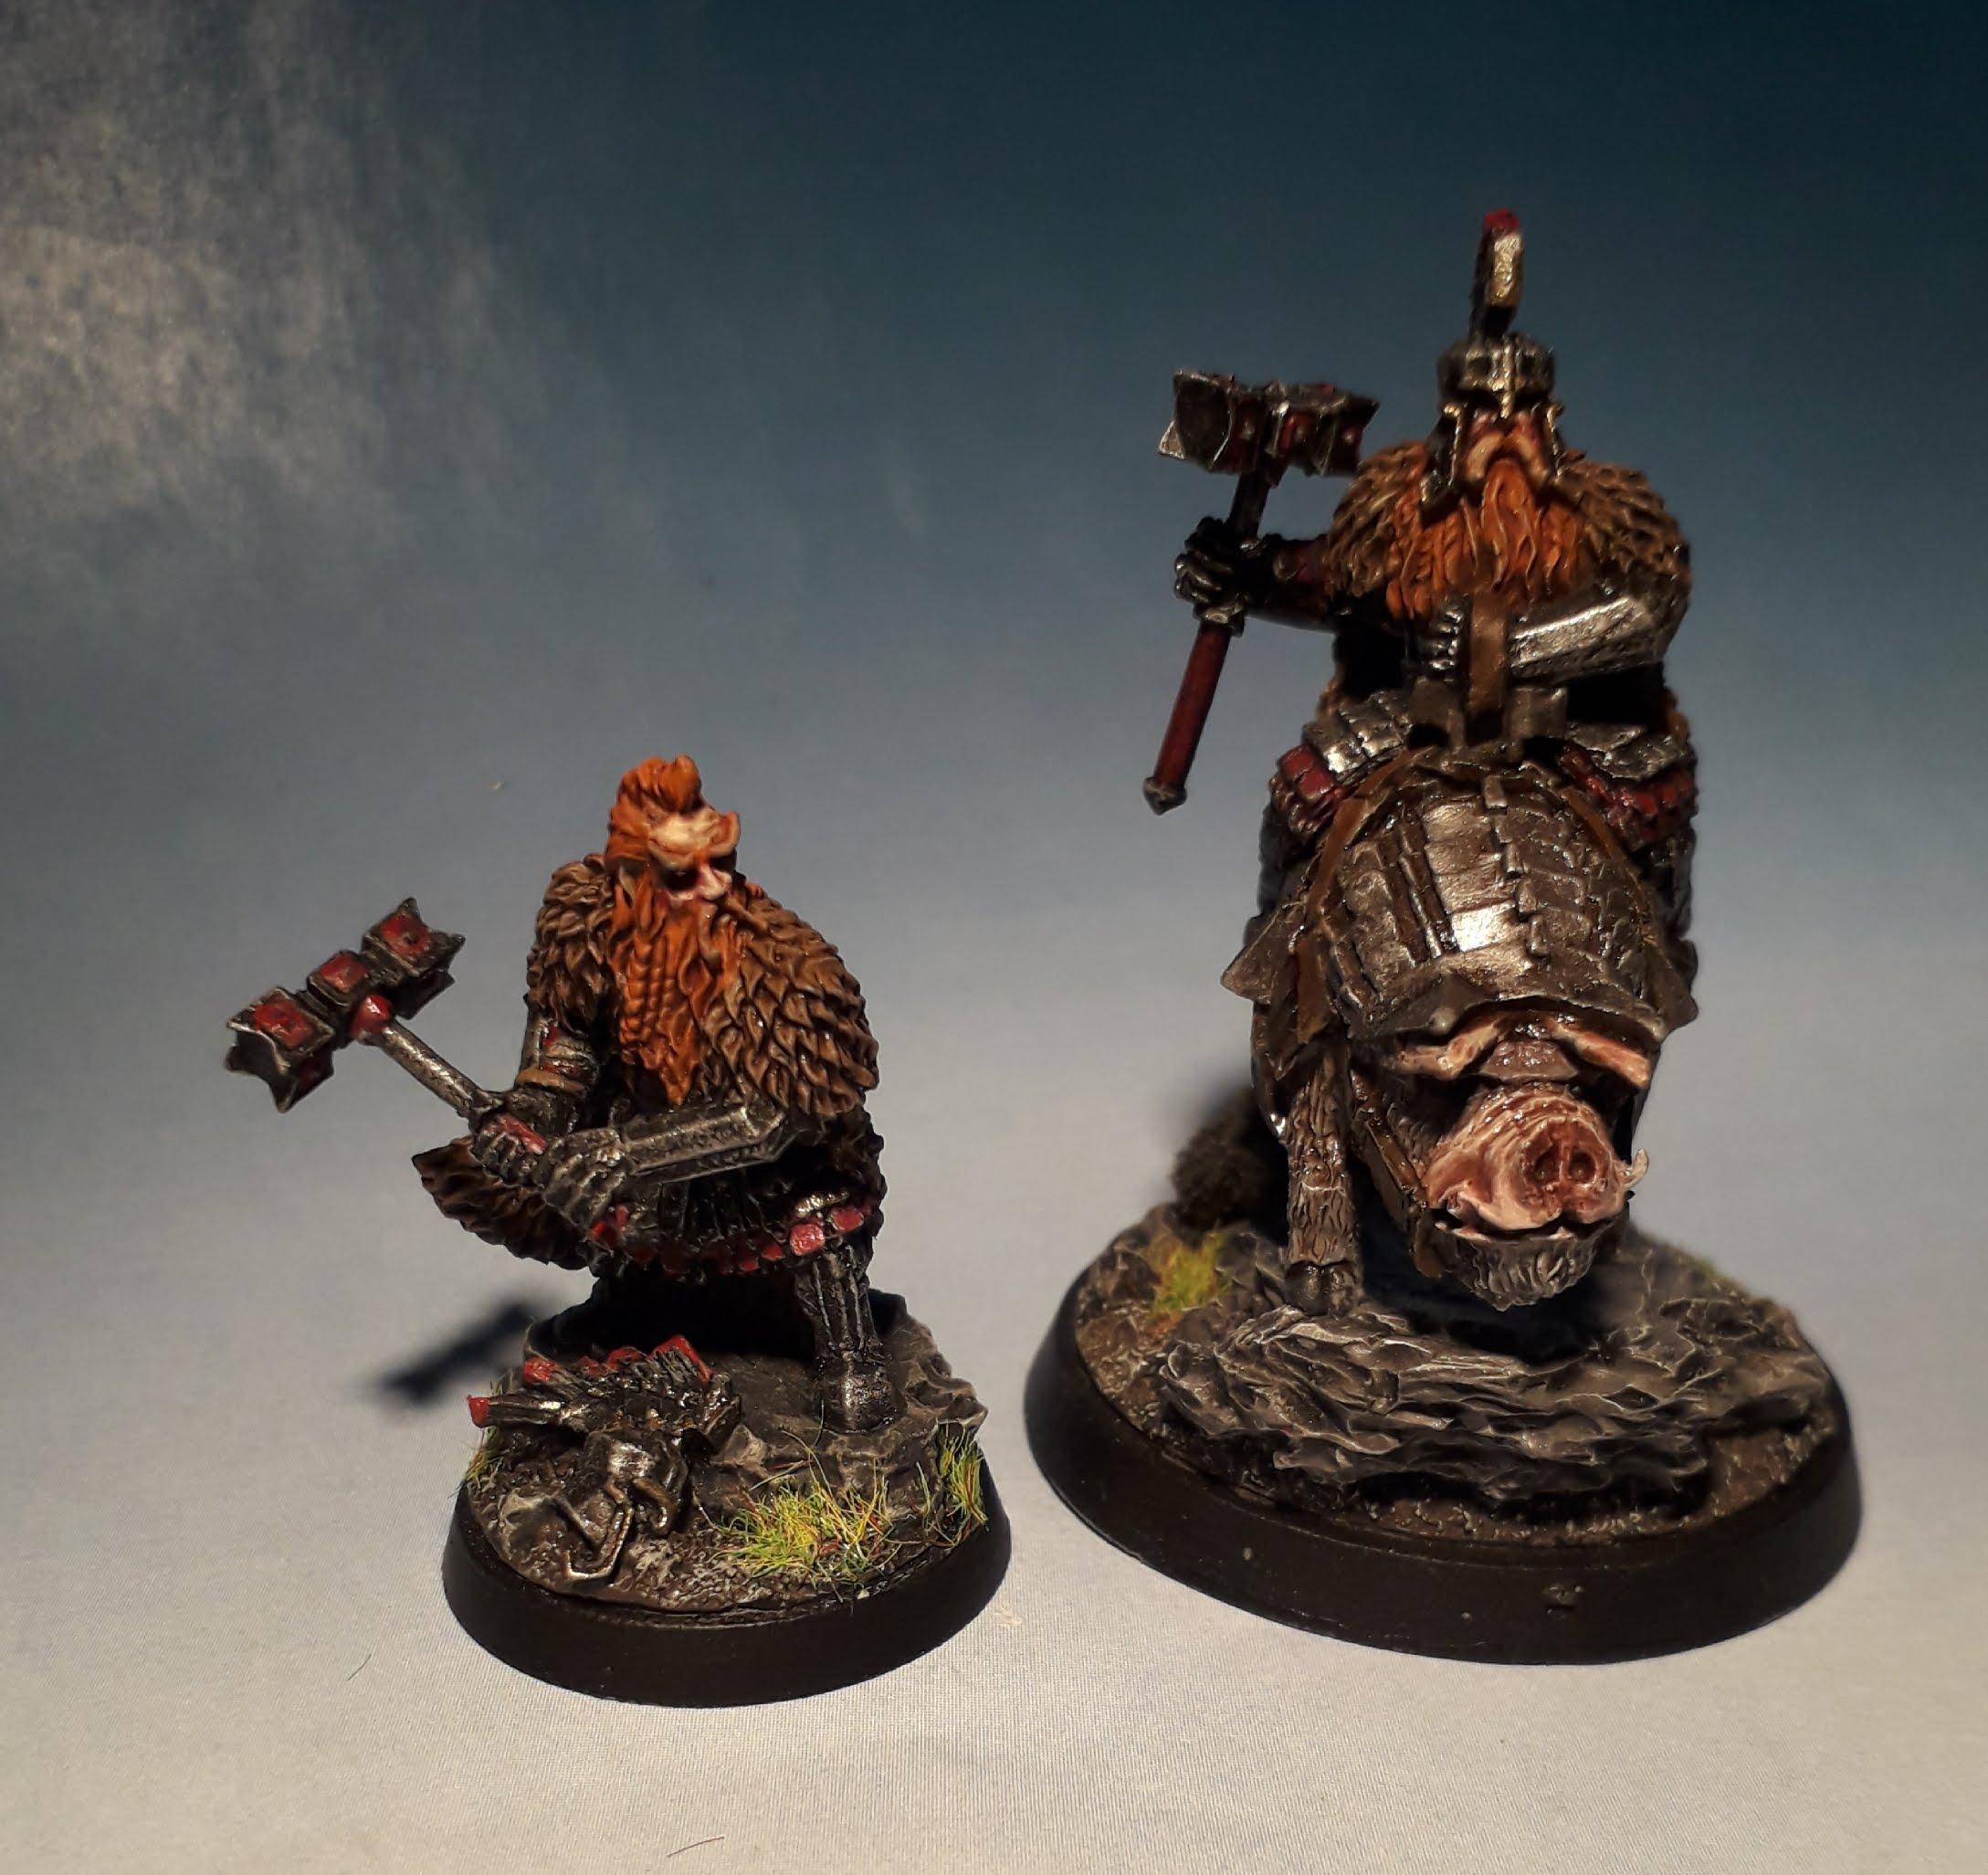 Dain, Dwarves, Hobbit, Iron Hills